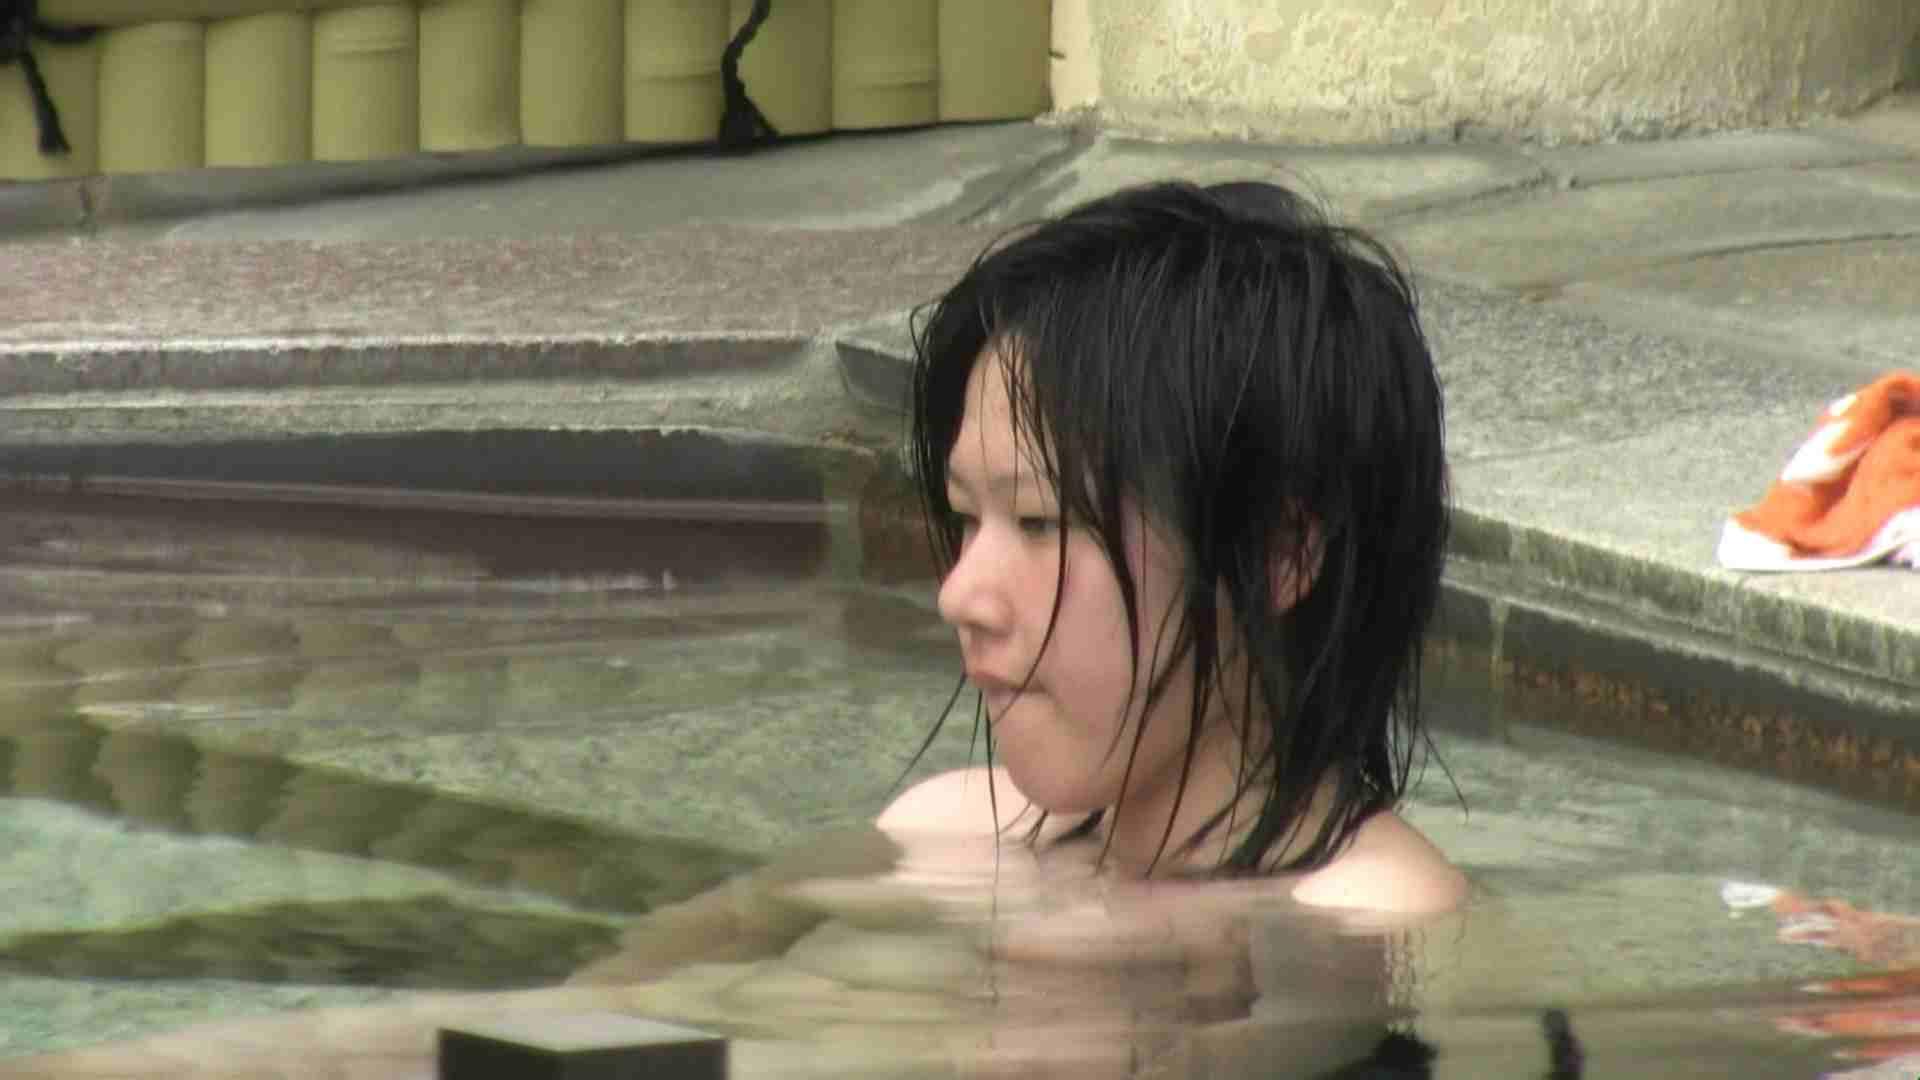 Aquaな露天風呂Vol.36 0   0  50pic 23